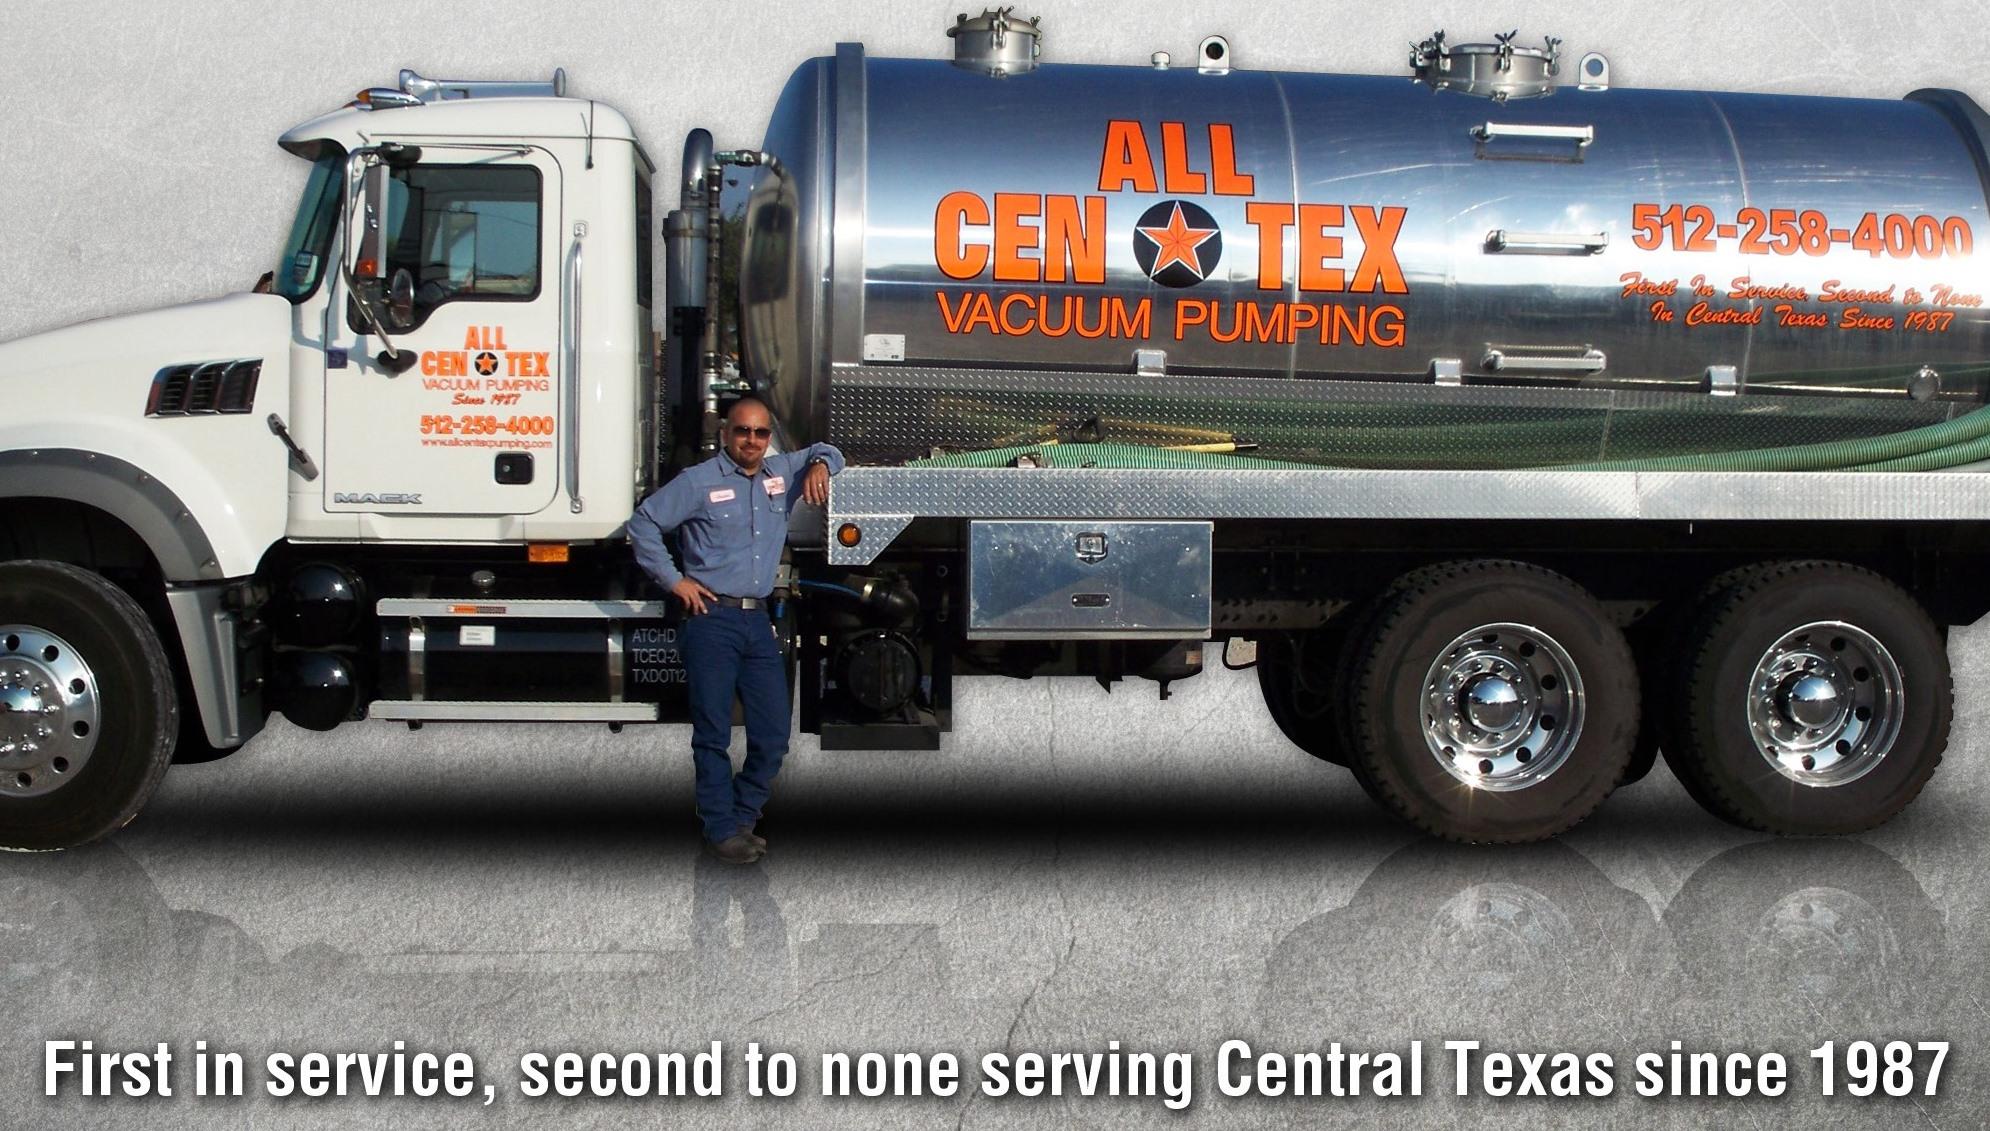 All Cen Tex Septic & Vacuum Pumping image 0